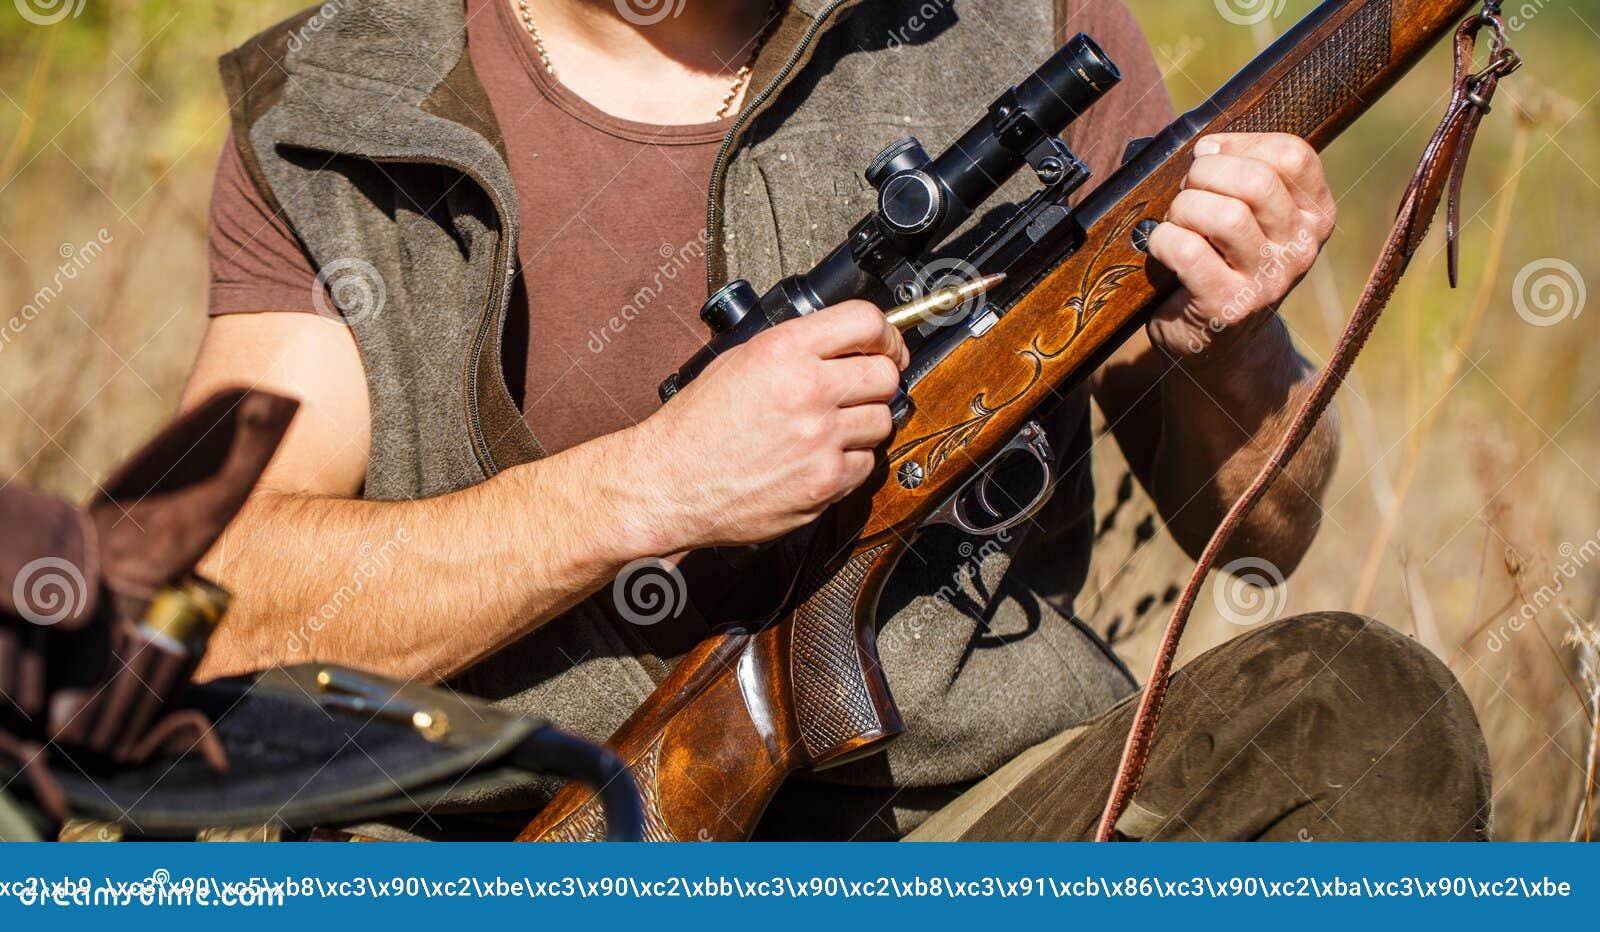 Jägareman Jaga period Man med ett vapen, gevär Mannen laddar ett jaktgevär close upp Process av jakt under